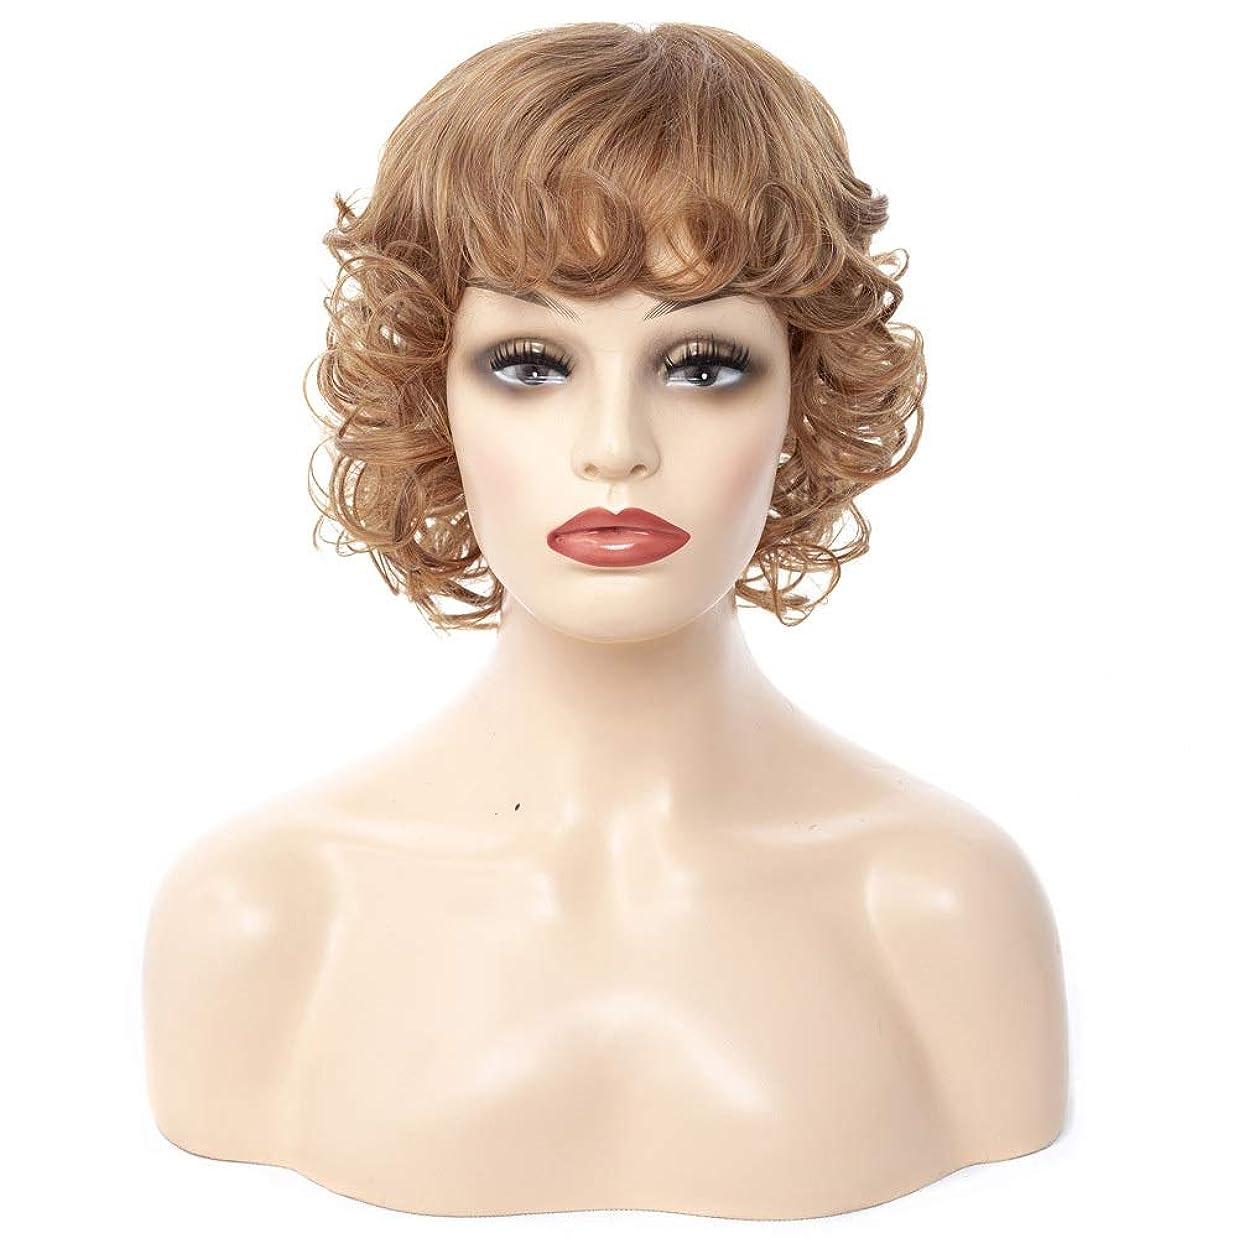 振幅ライド人に関する限りYrattary 女性用ショートウィッグヘアスタイリングフルウェーブカーリーヘアブロンドレディースウィッグパーティーウィッグ (Color : Blonde, サイズ : 30cm)